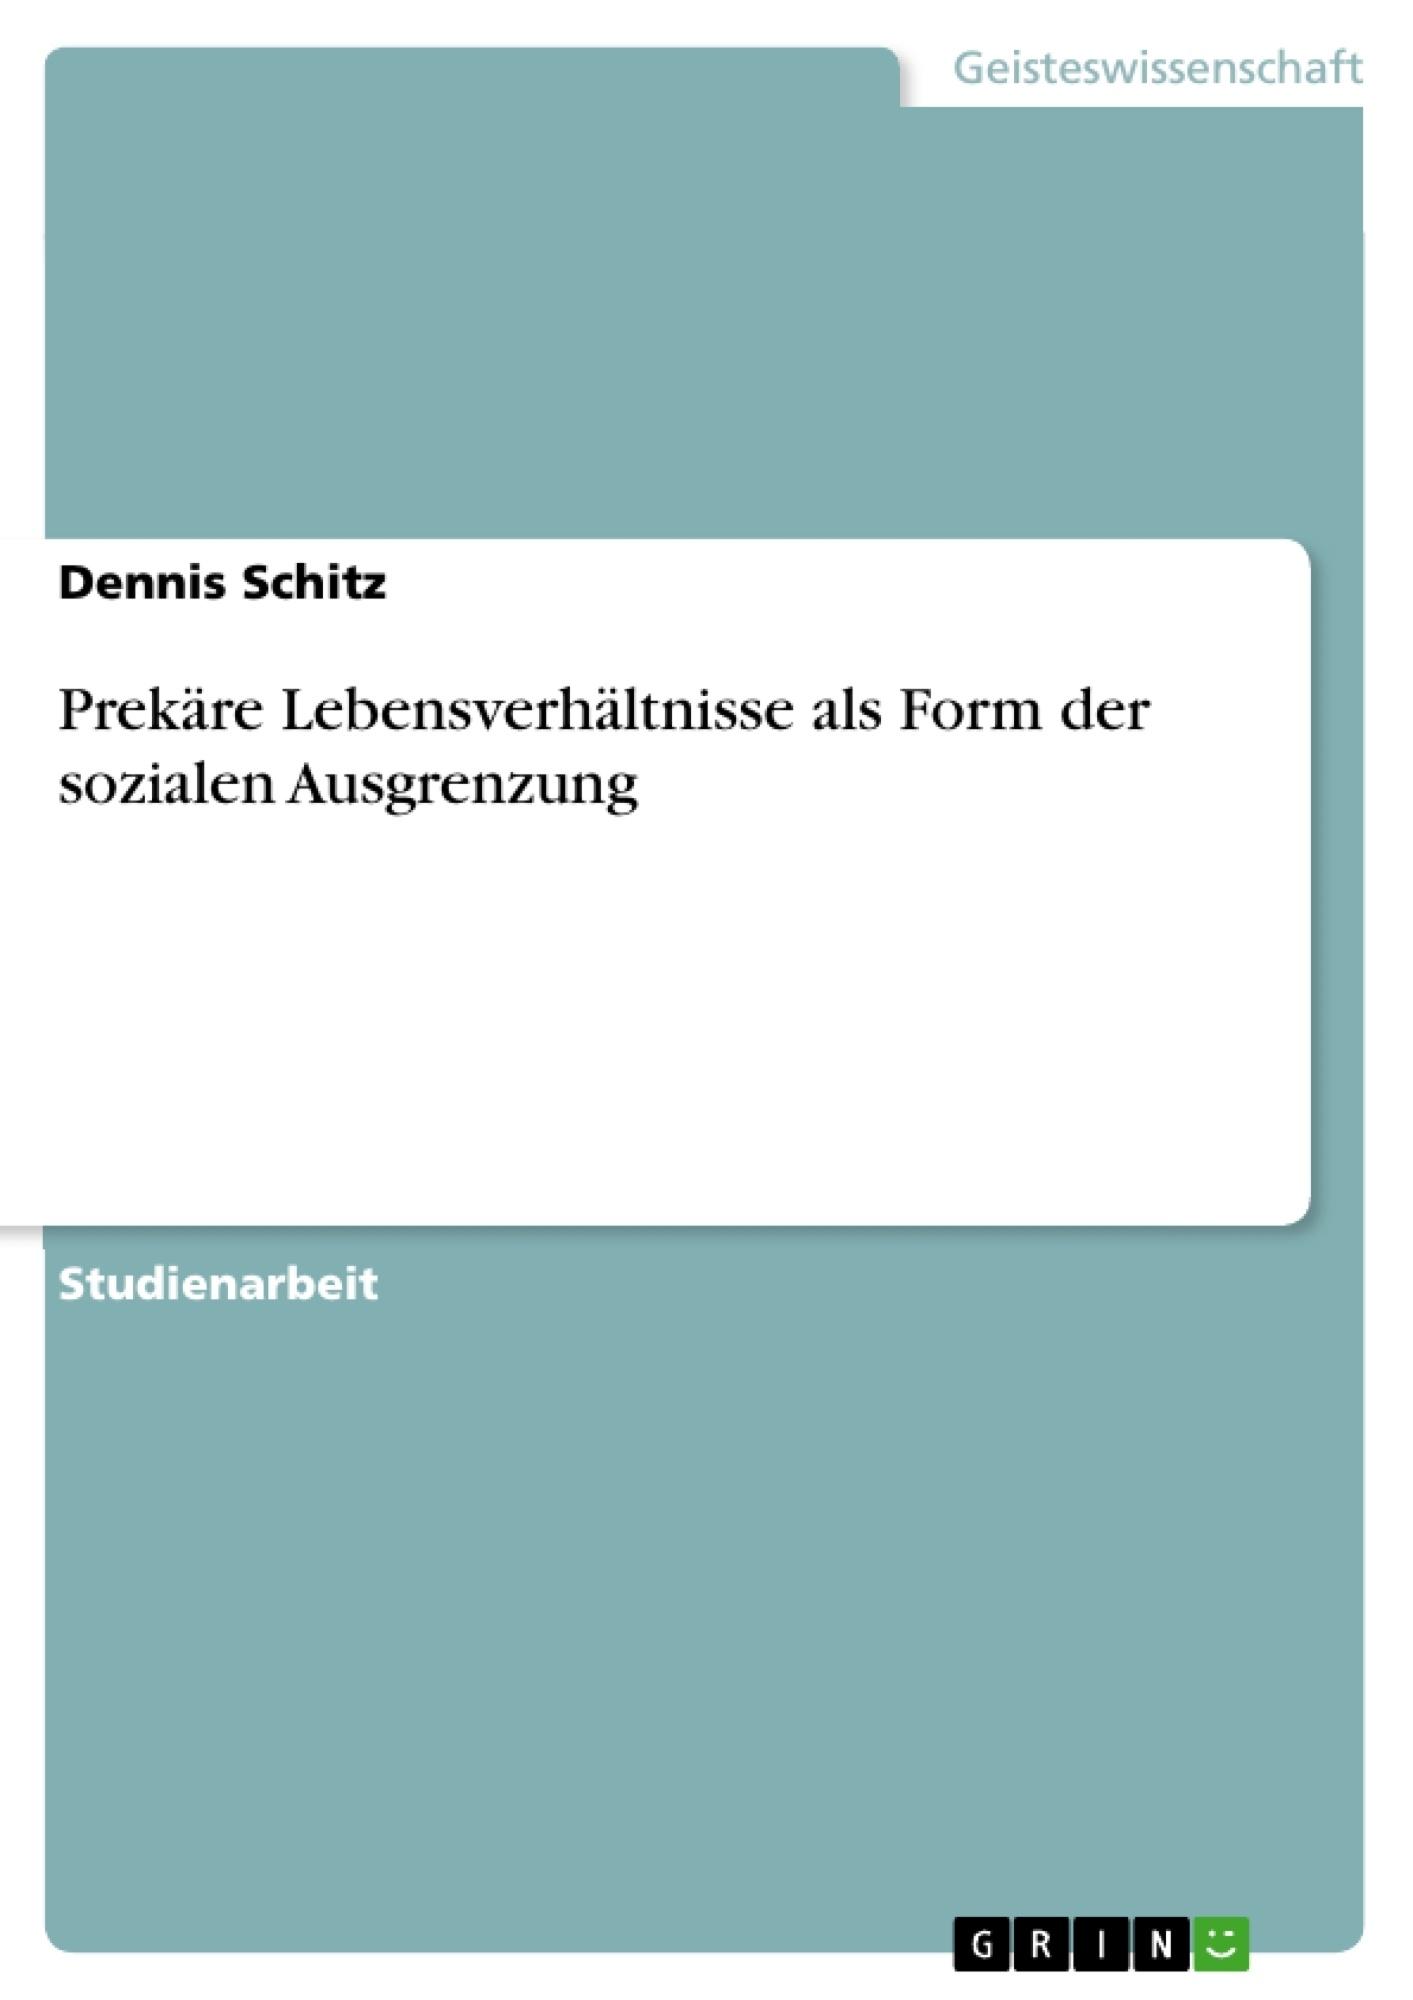 Titel: Prekäre Lebensverhältnisse als Form der sozialen Ausgrenzung